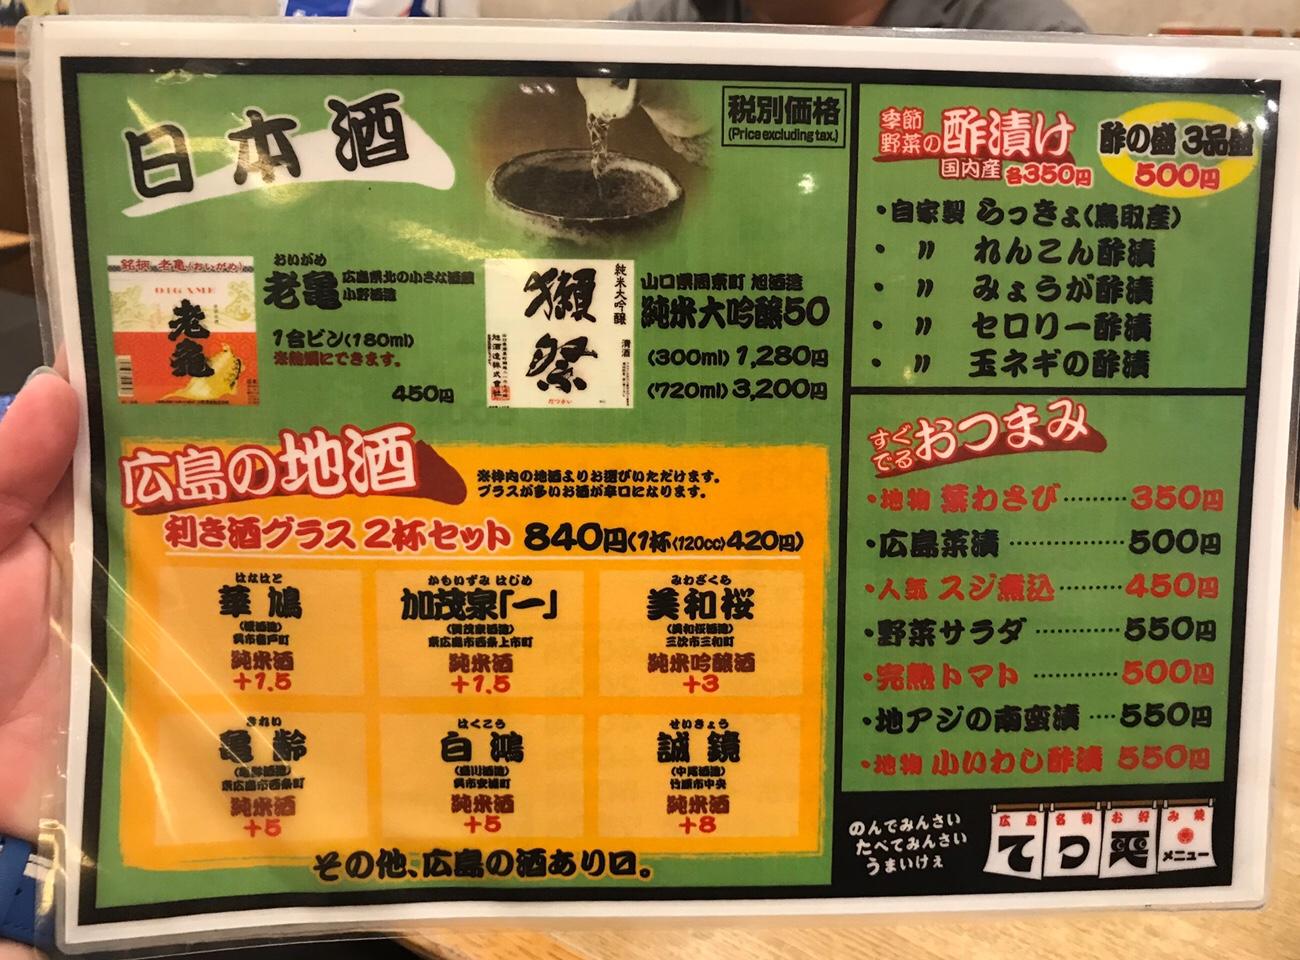 お酒メニュー てっ平 広島空港店 メニュー